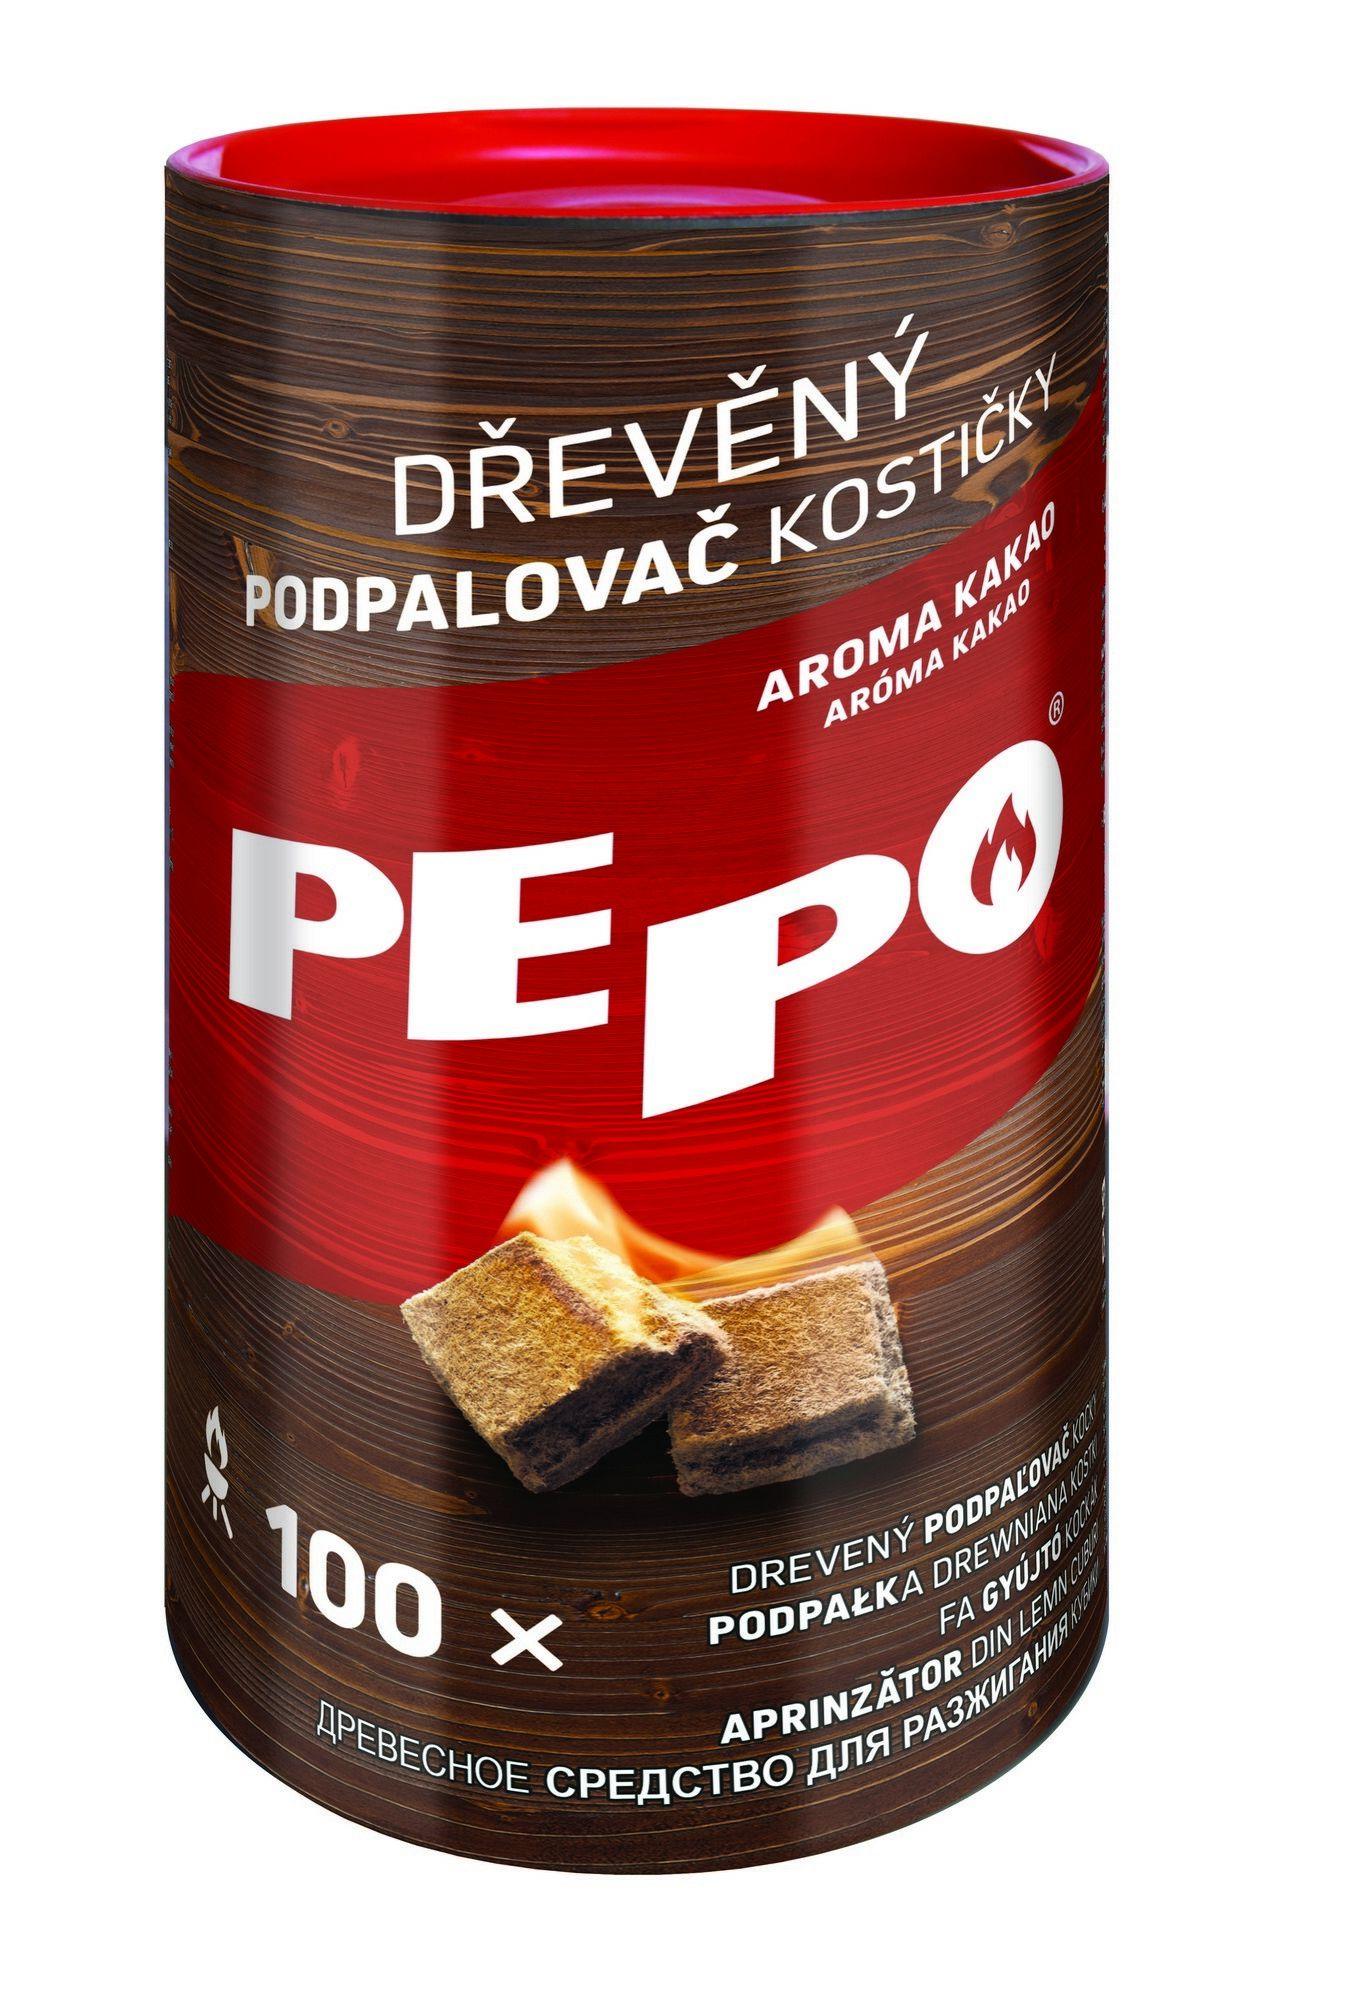 PE-PO dřevěný podpalovač kostičky 100 ks PEPO